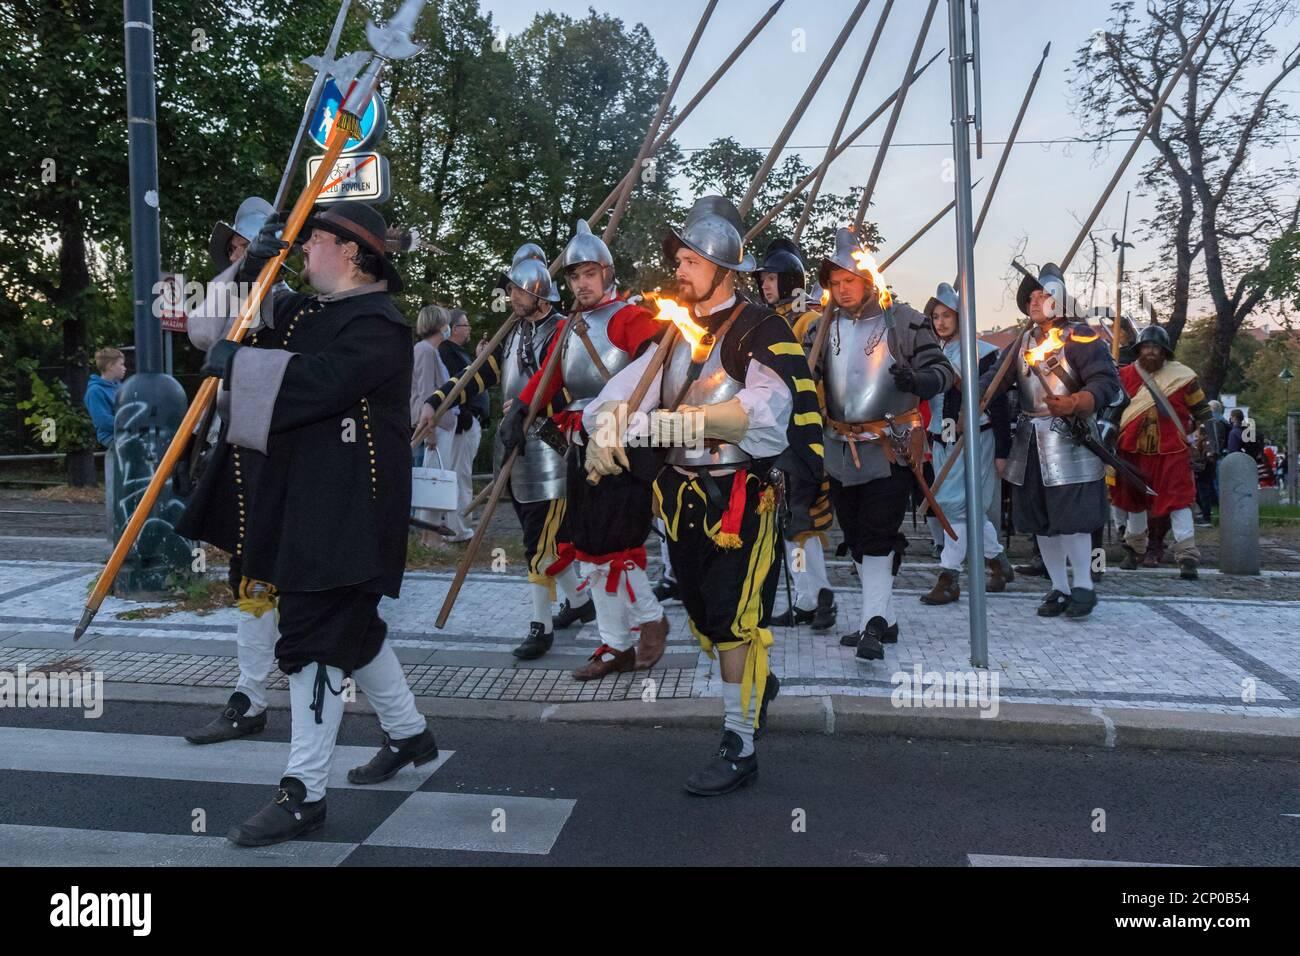 PRAGA - Settembre 18: Processione di riattori storici che segnano la vigilia della Battaglia di Bila Hora, 400 anni fa alla porta di Pisecka il 18 settembre, Foto Stock